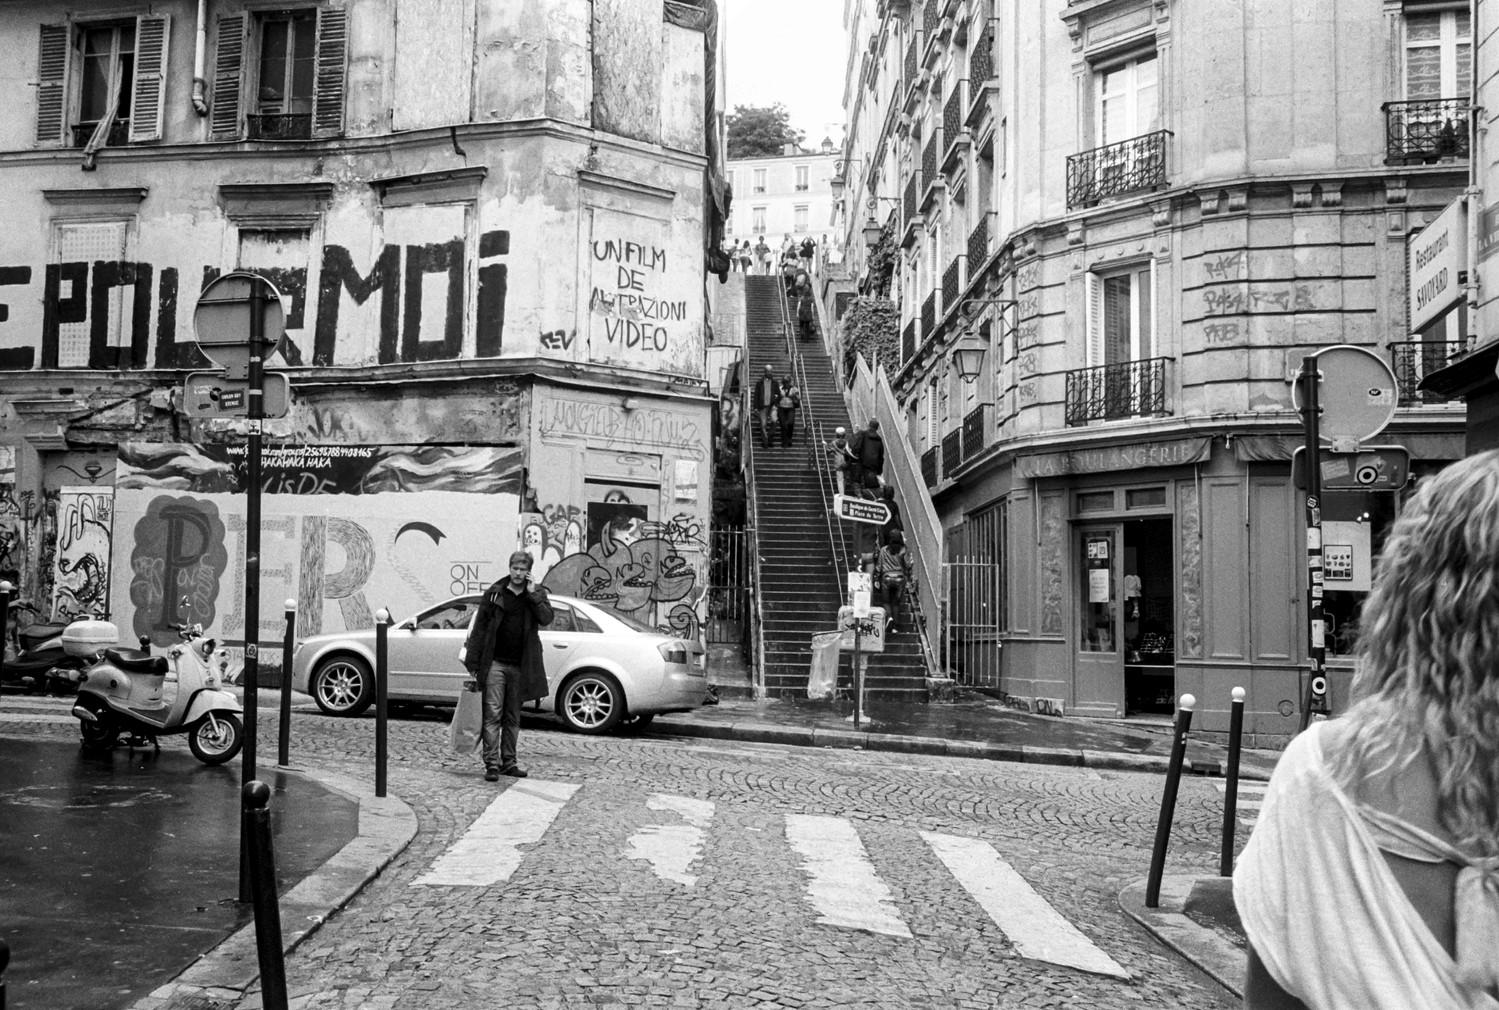 Paris 2013 • Votez pour moi